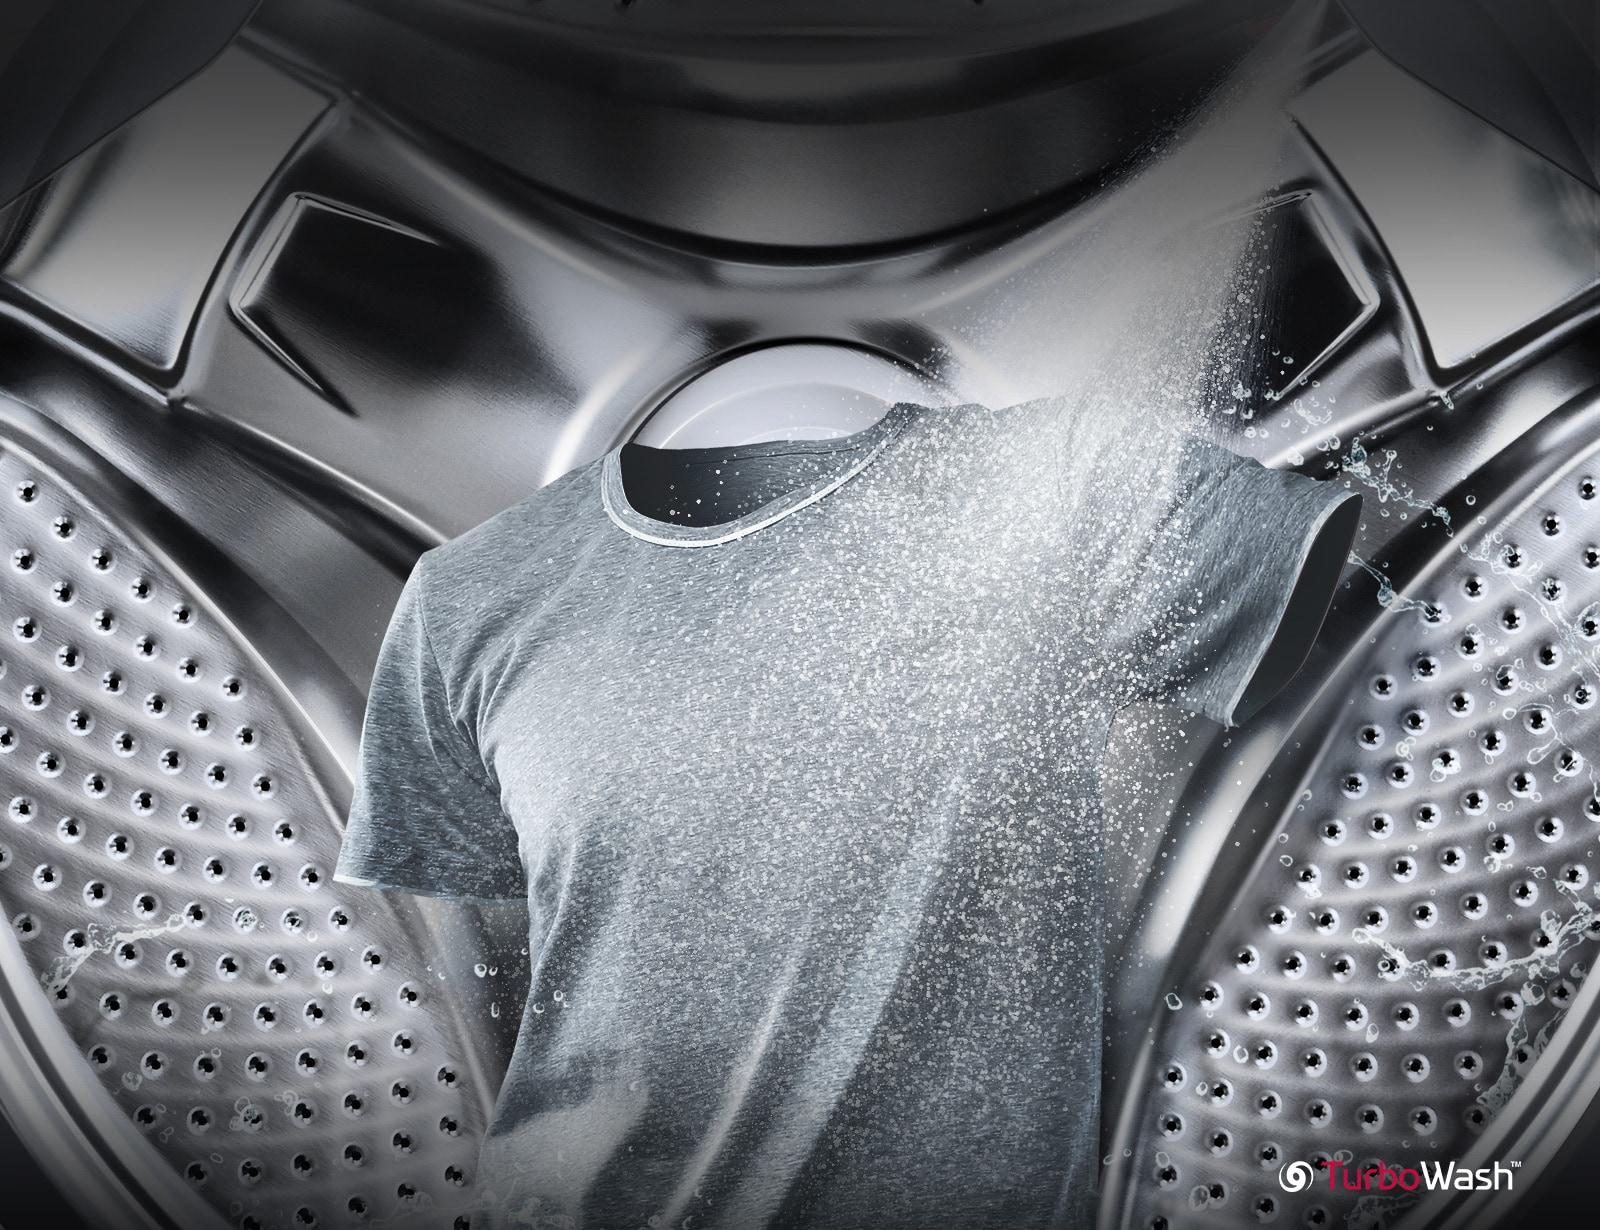 Một chiếc áo sơ mi màu xám đang được phun tia nước ở phía trước và lồng máy giặt ở phía sau. Các hình ảnh nhỏ phía dưới hiển thị chức năng phun tia và lọc.